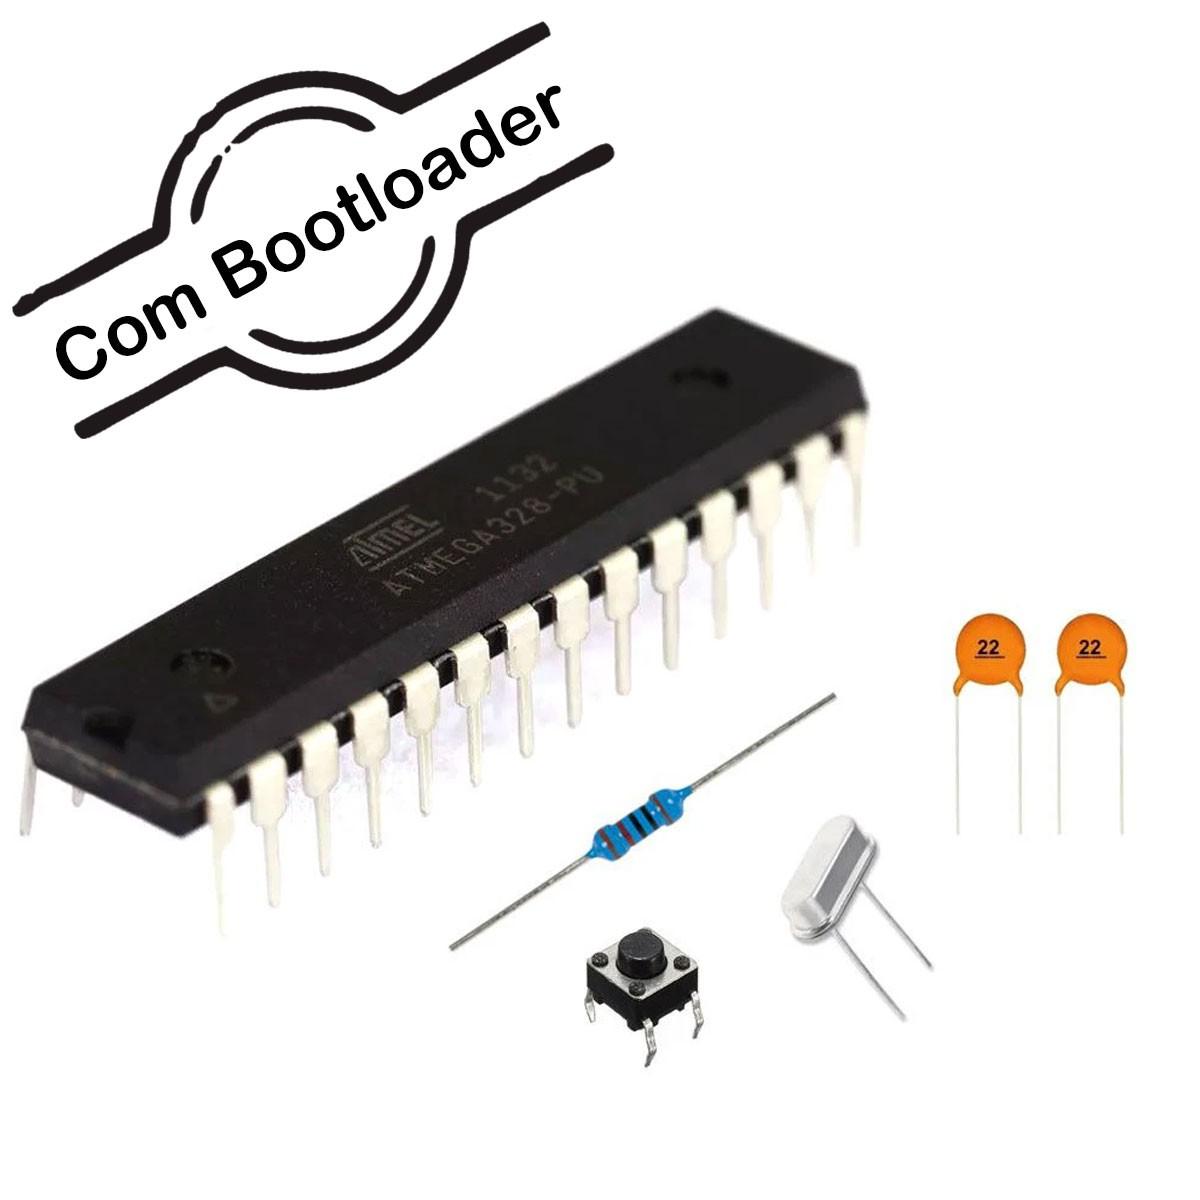 Kit Standalone com Microcontrolador ATMEGA 328P com Bootloader montagem de Arduino Compatível